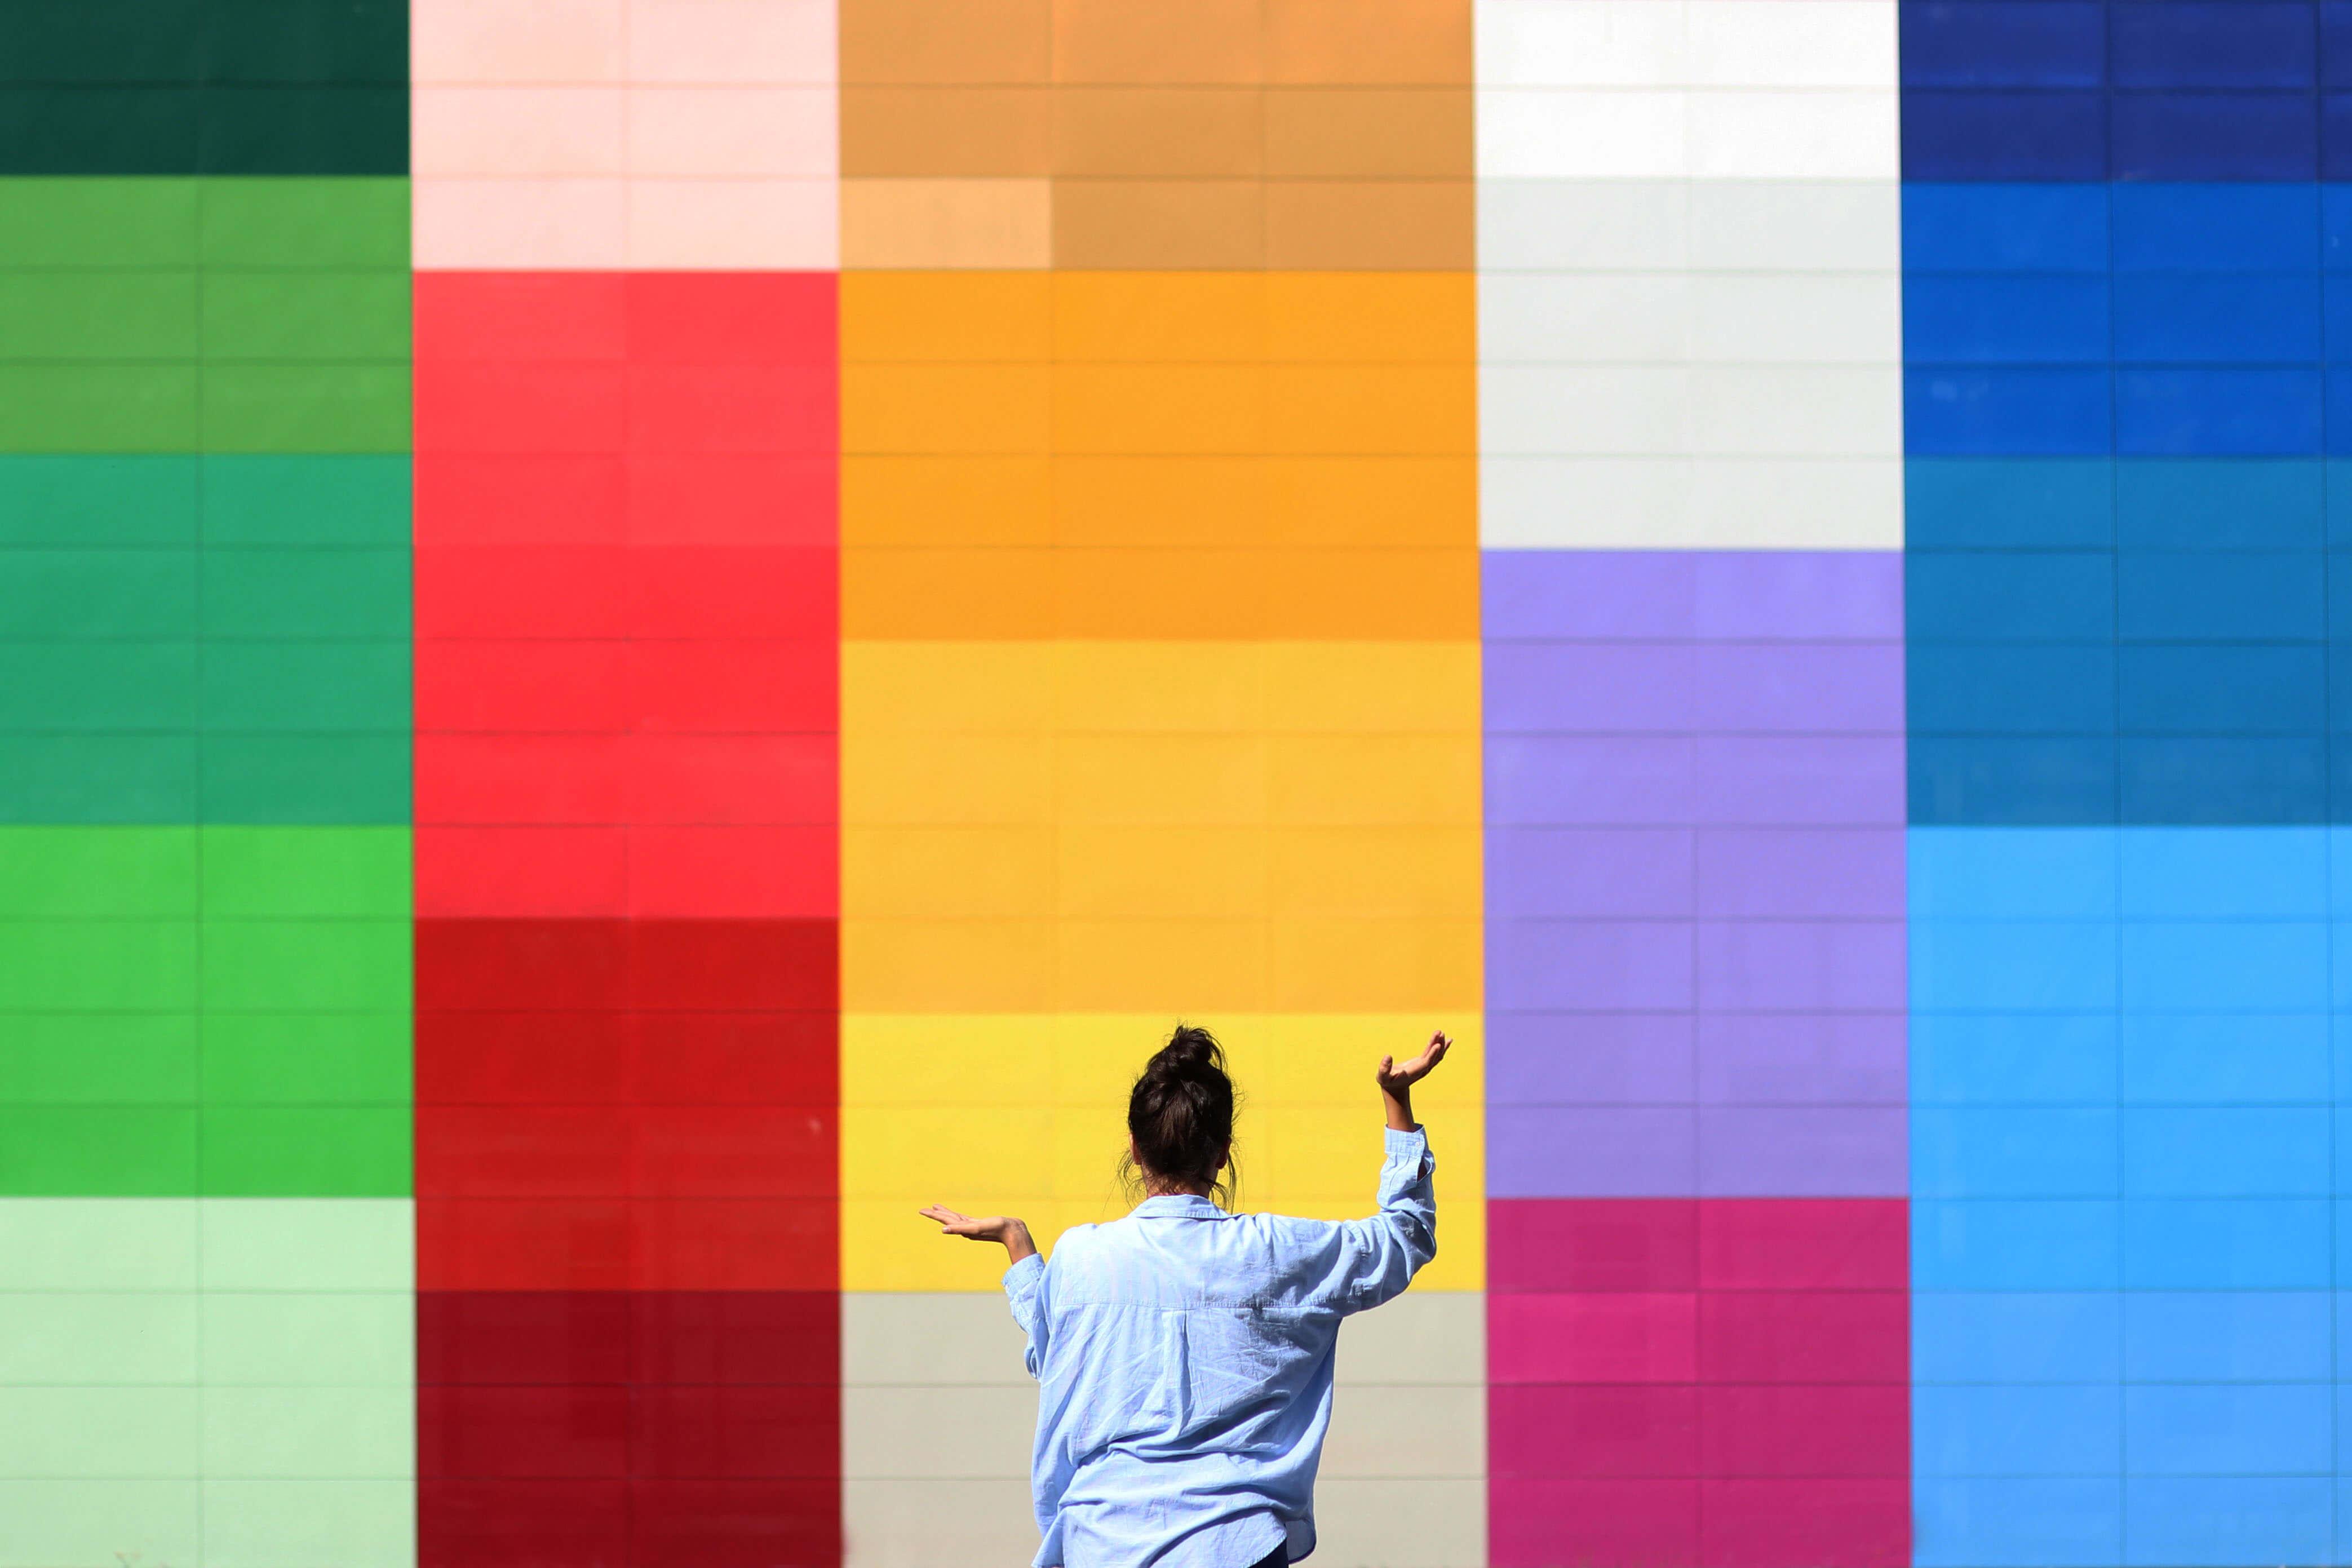 Lo absurdo del color